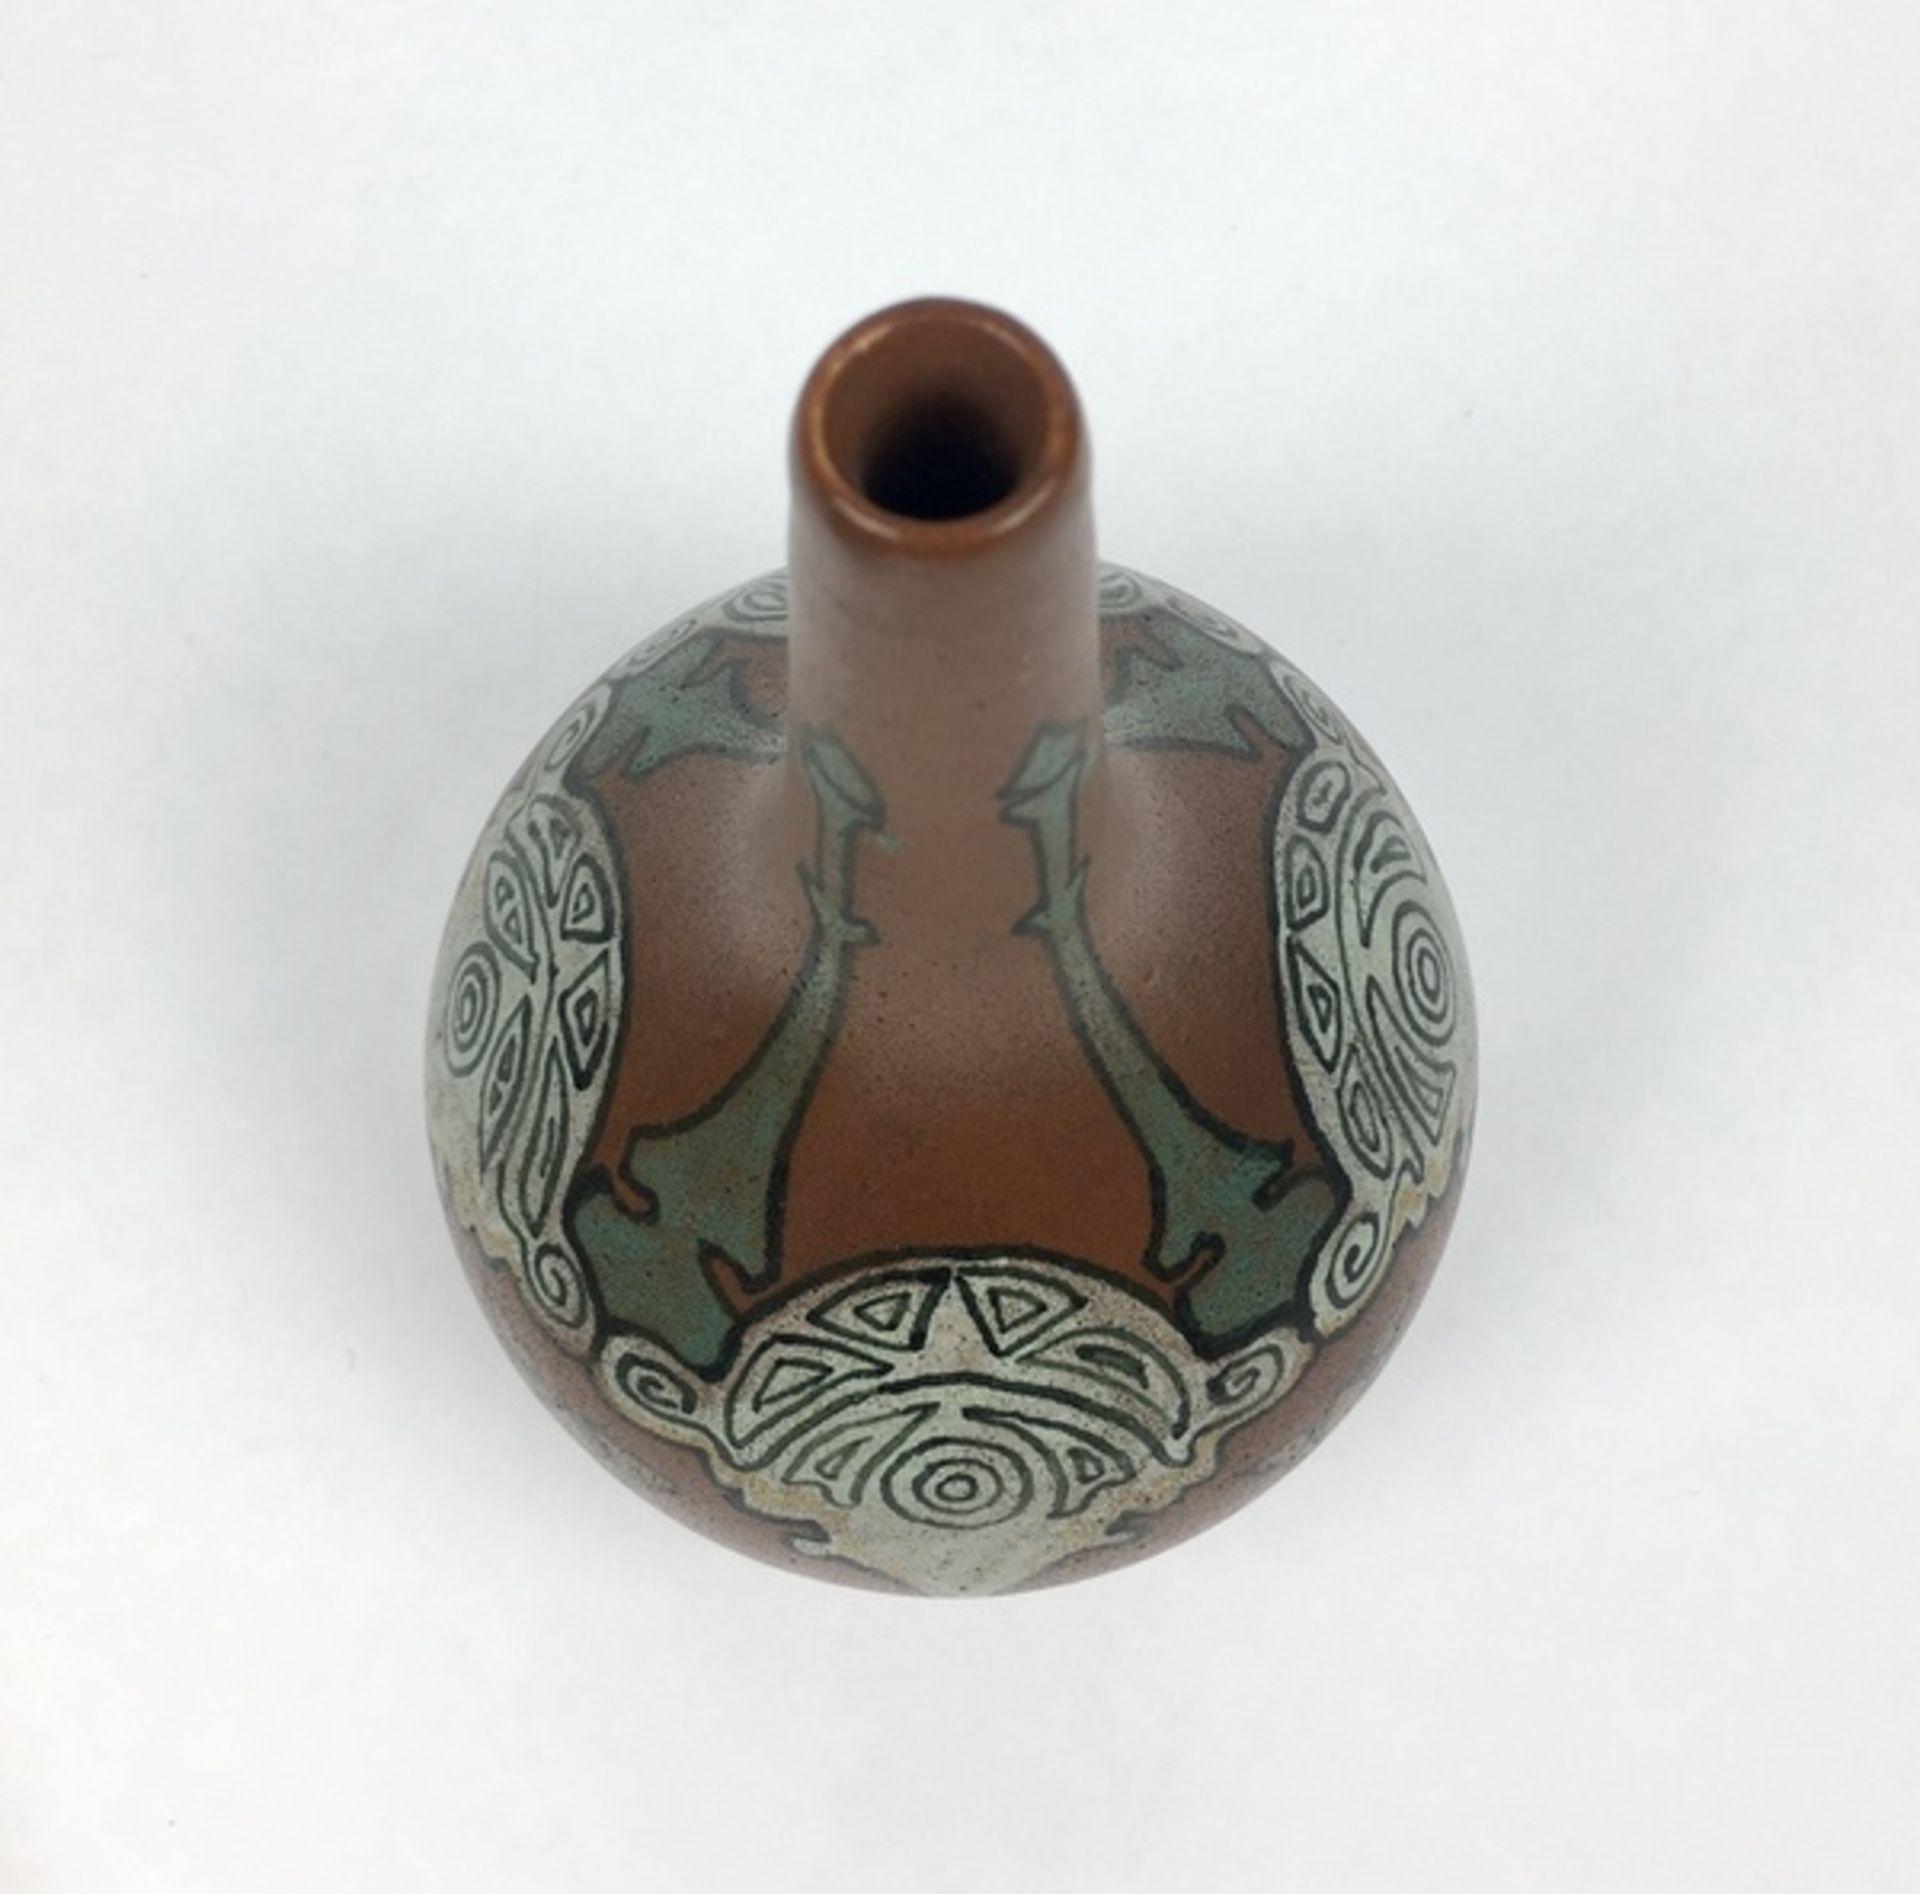 (Toegpaste kunst) Aardewerk vaas, Nienhuis De Distel AmsterdamGeglazuurde aardewerk vaas, gemaa - Image 5 of 5